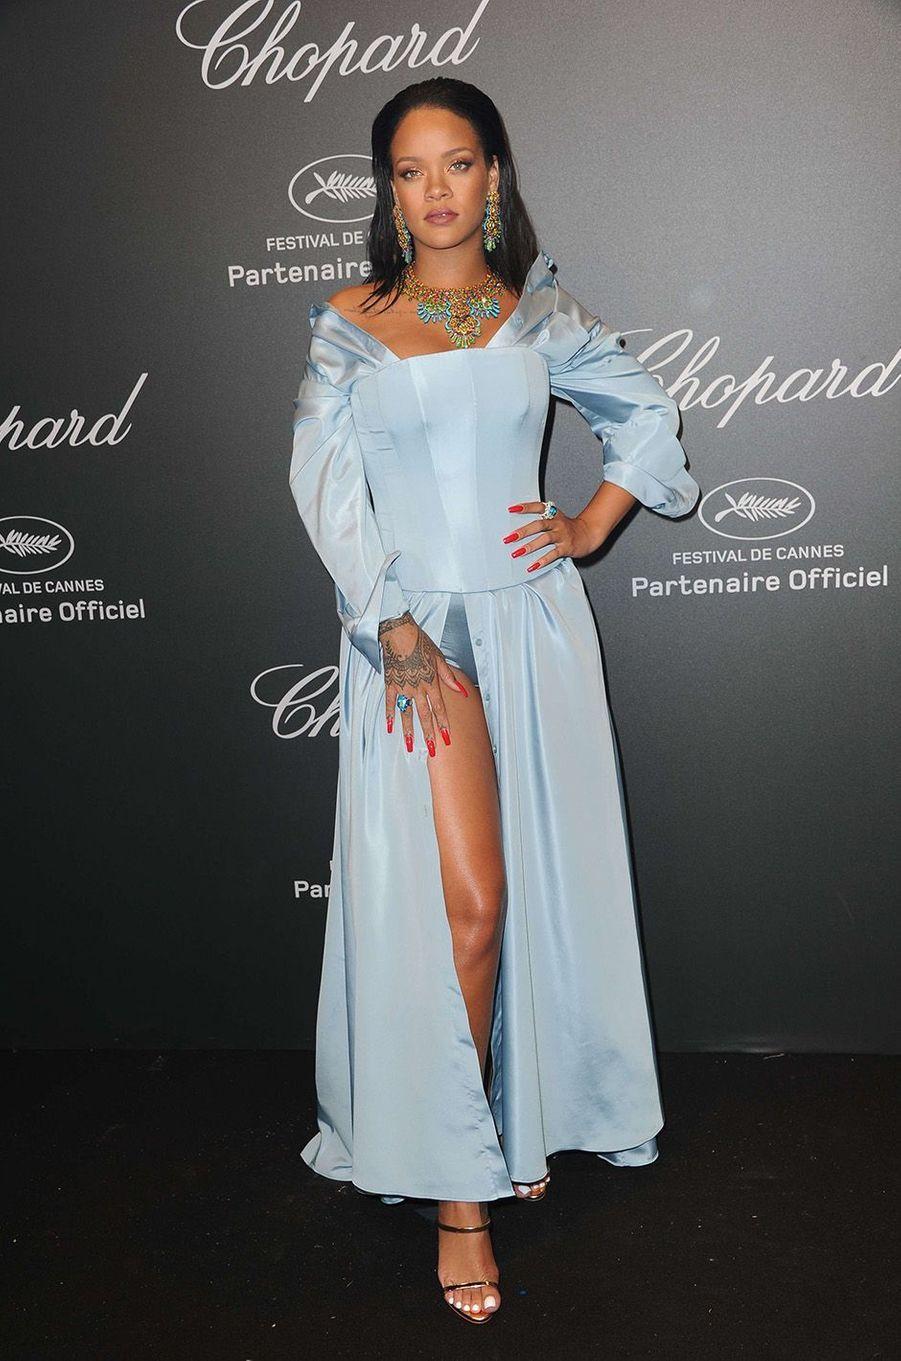 Rihanna à la soirée Chopard, à Cannes, le 19 mai 2017.